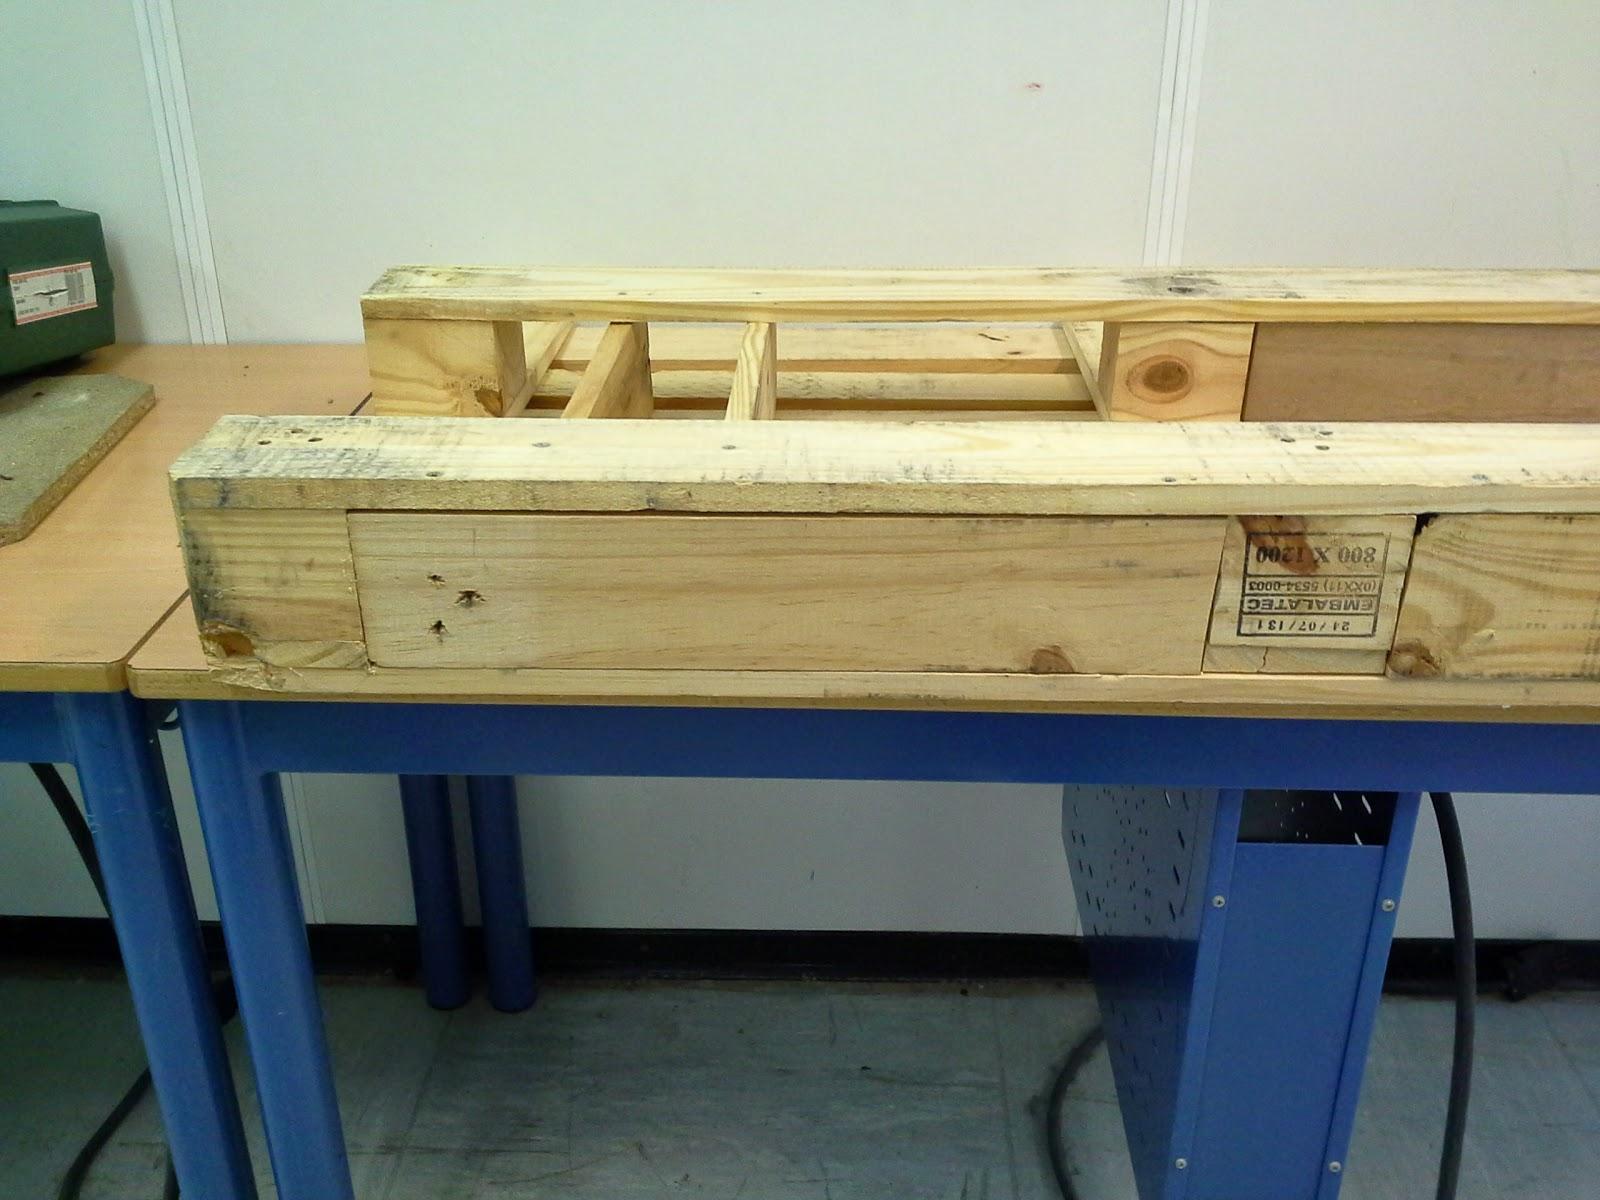 Proyectos de tecnolog a mueble para organizar maderas en for Mueble herramientas